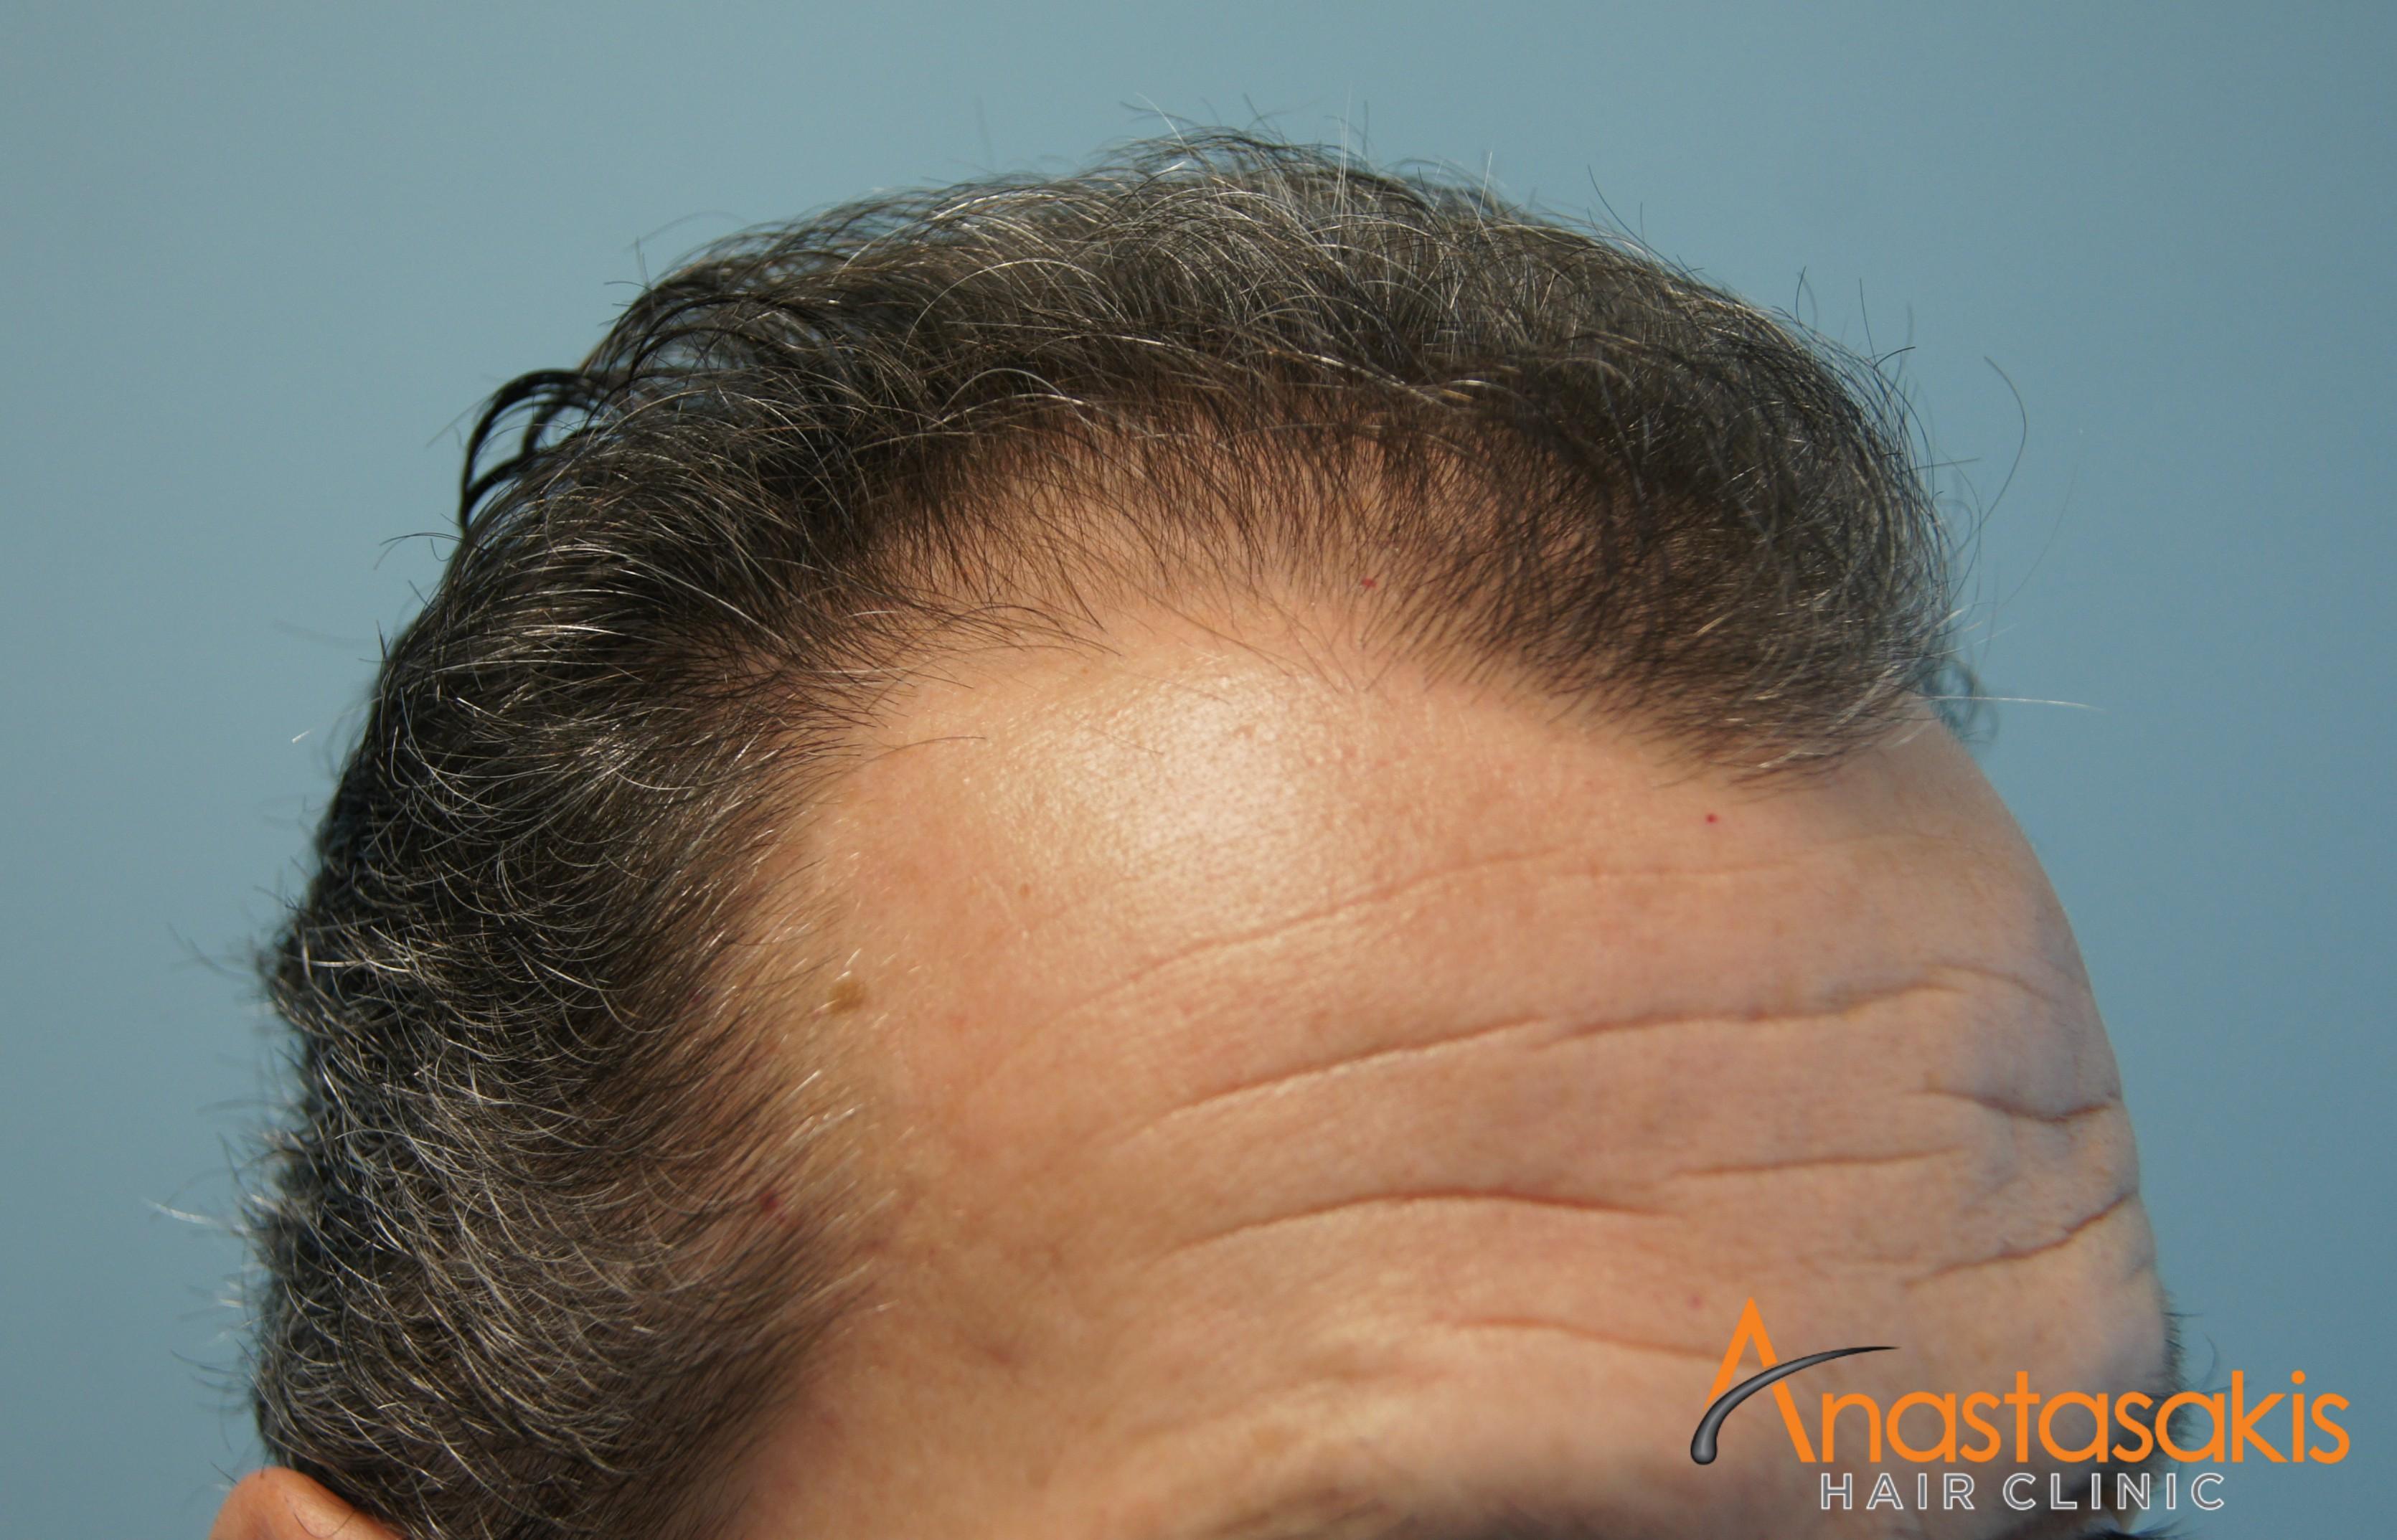 δεξι προφιλ ασθενους πριν τη μεταμοσχευση μαλλιων με 2300 fus